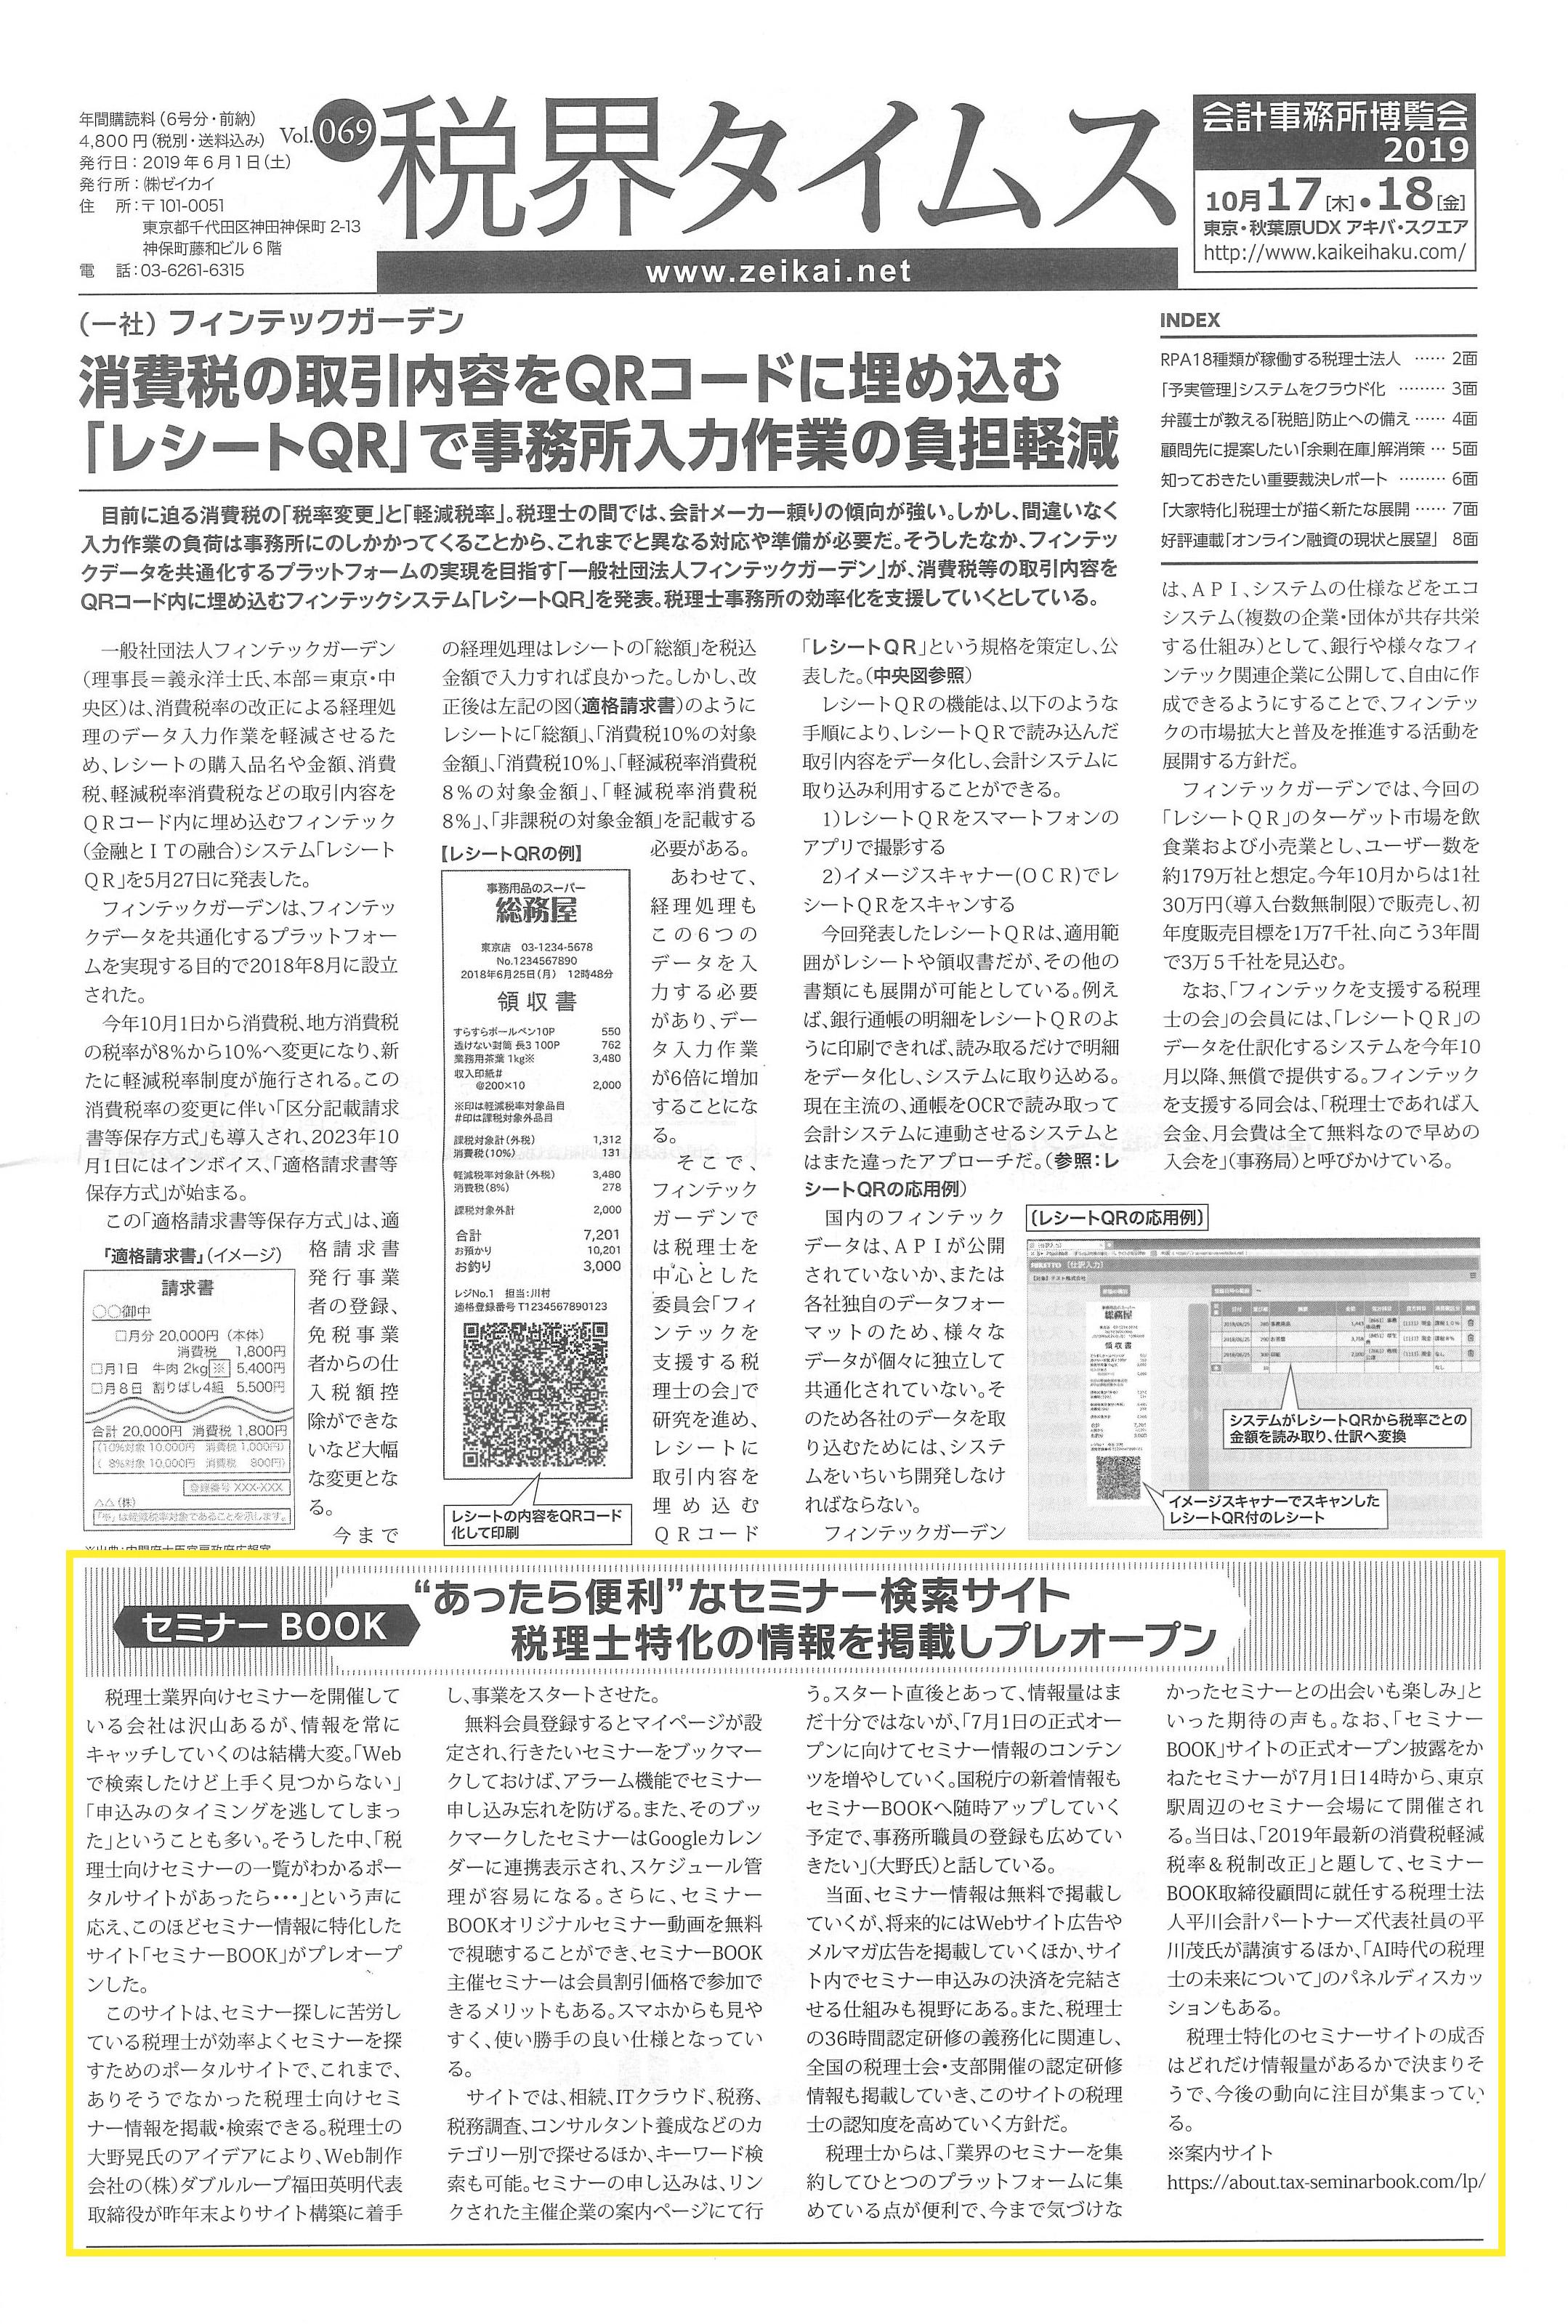 税経タイムズセ、セミナーBOOK、「あったら便利」なセミナー検索サイト税理士特化の情報を掲載しプレオープン